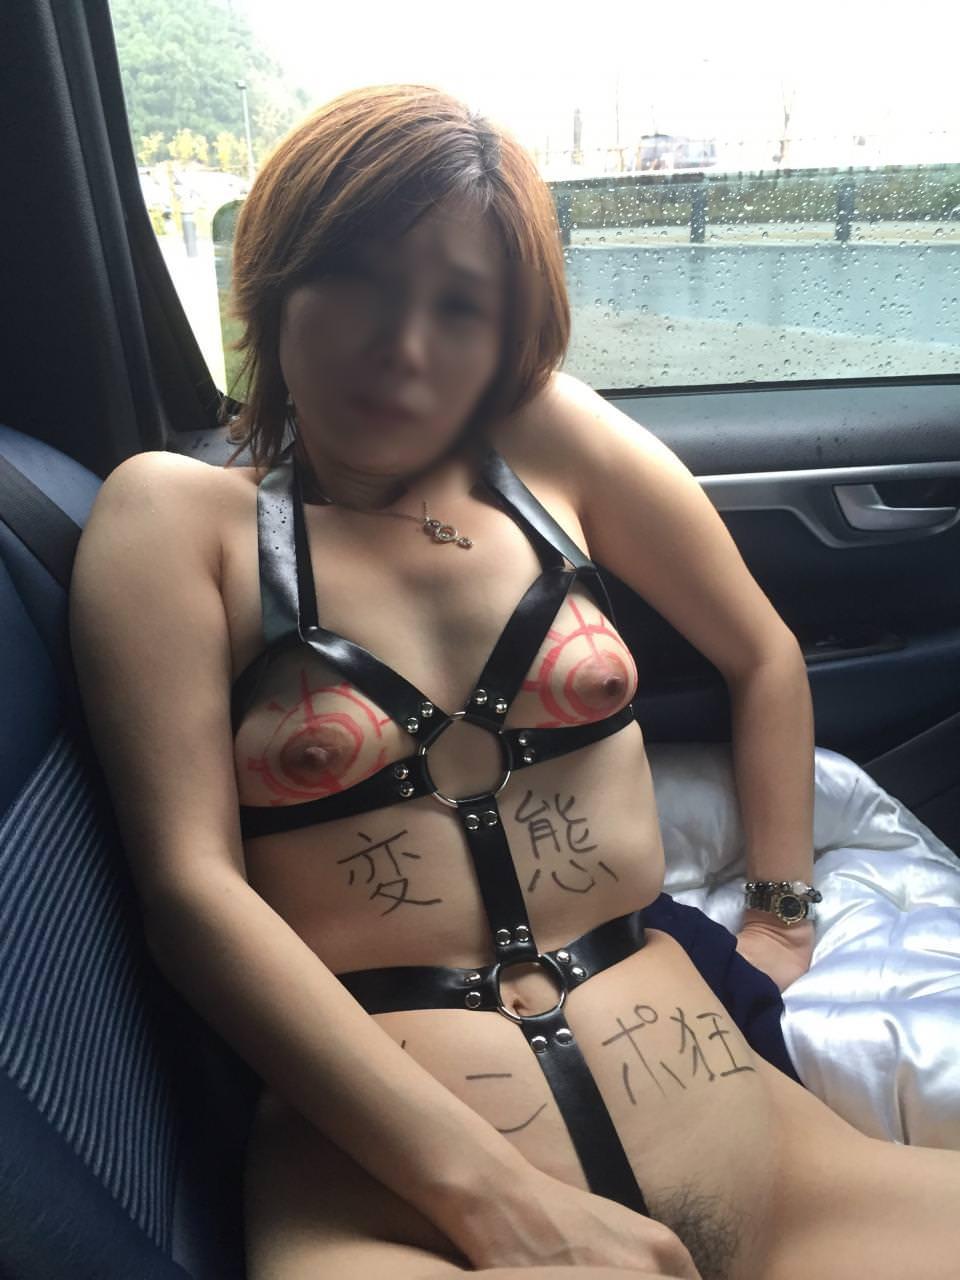 こんな美人妻だって性的欲求に負けて車で露出プレイwww興奮したままセックス突入だぁーwww 02125